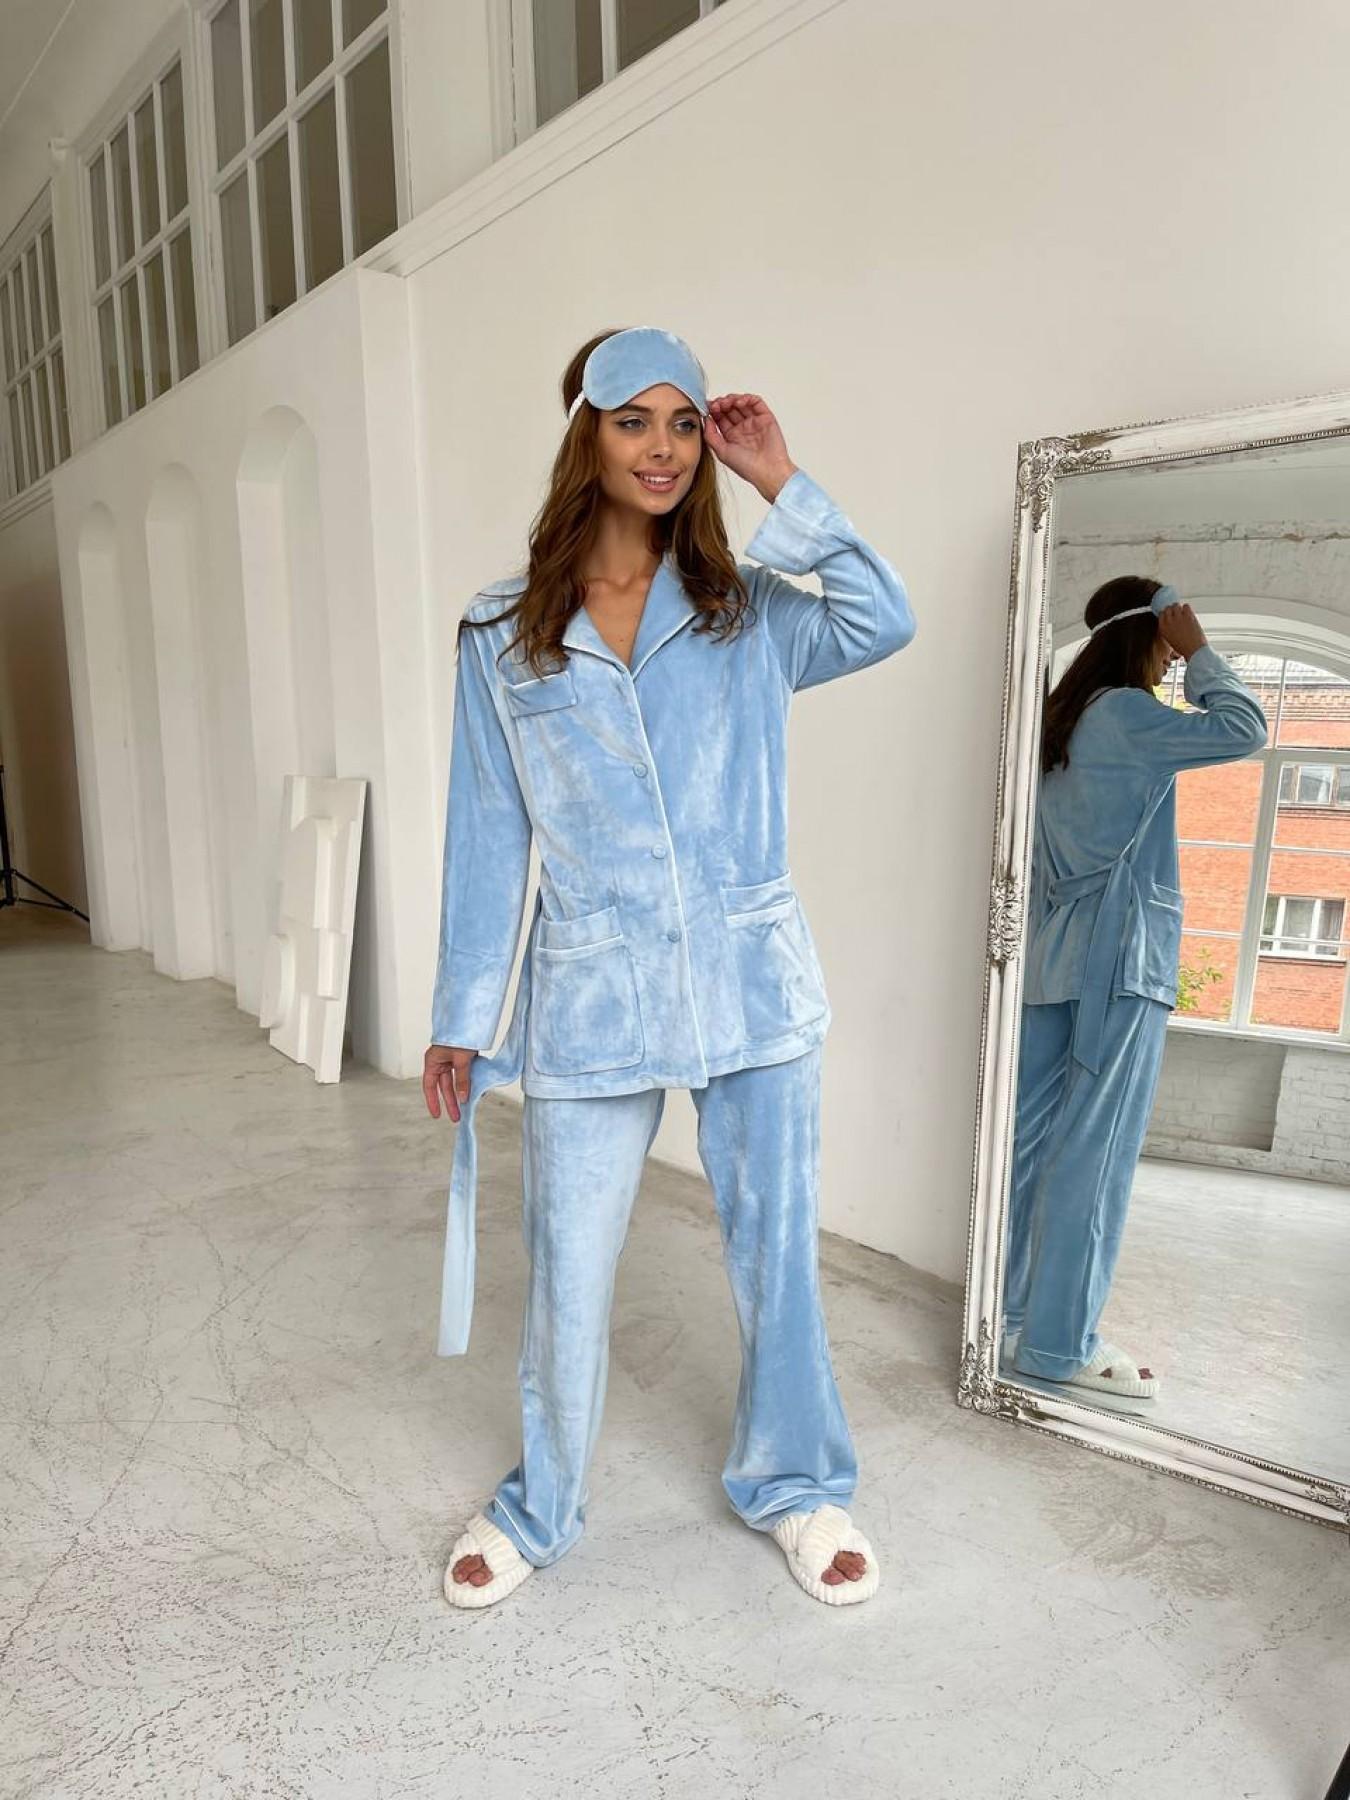 Шайн пижама велюр жакет брюки маска для сна 10353 АРТ. 46717 Цвет: Голубой - фото 4, интернет магазин tm-modus.ru